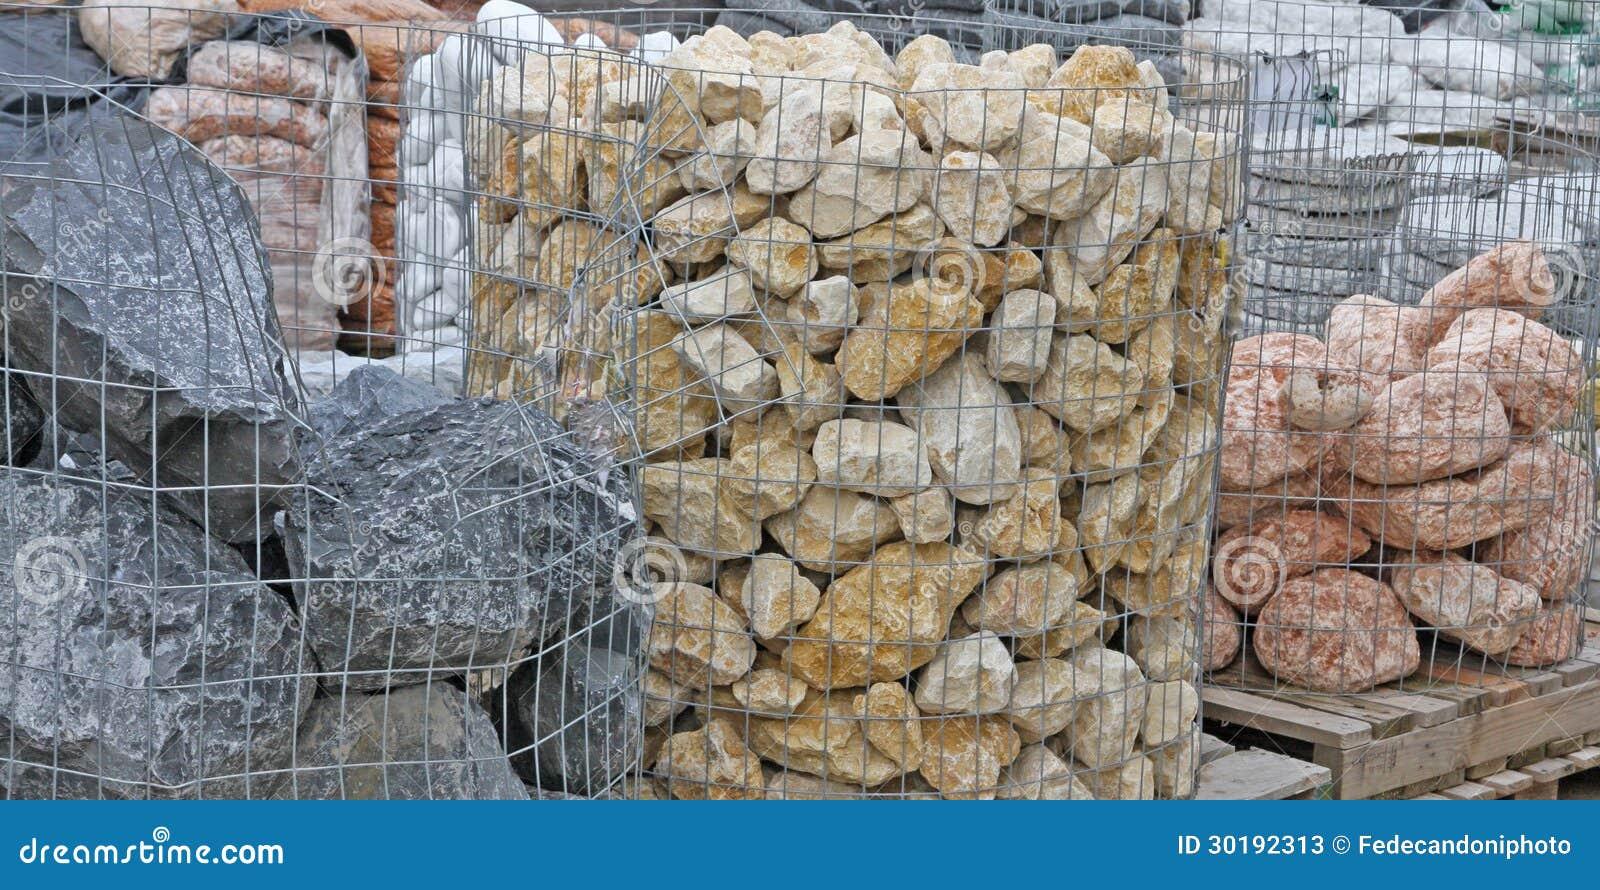 Piedras para adornar los jardines para la venta en sho del material de construcci n fotos de - Venta de piedras para jardin ...